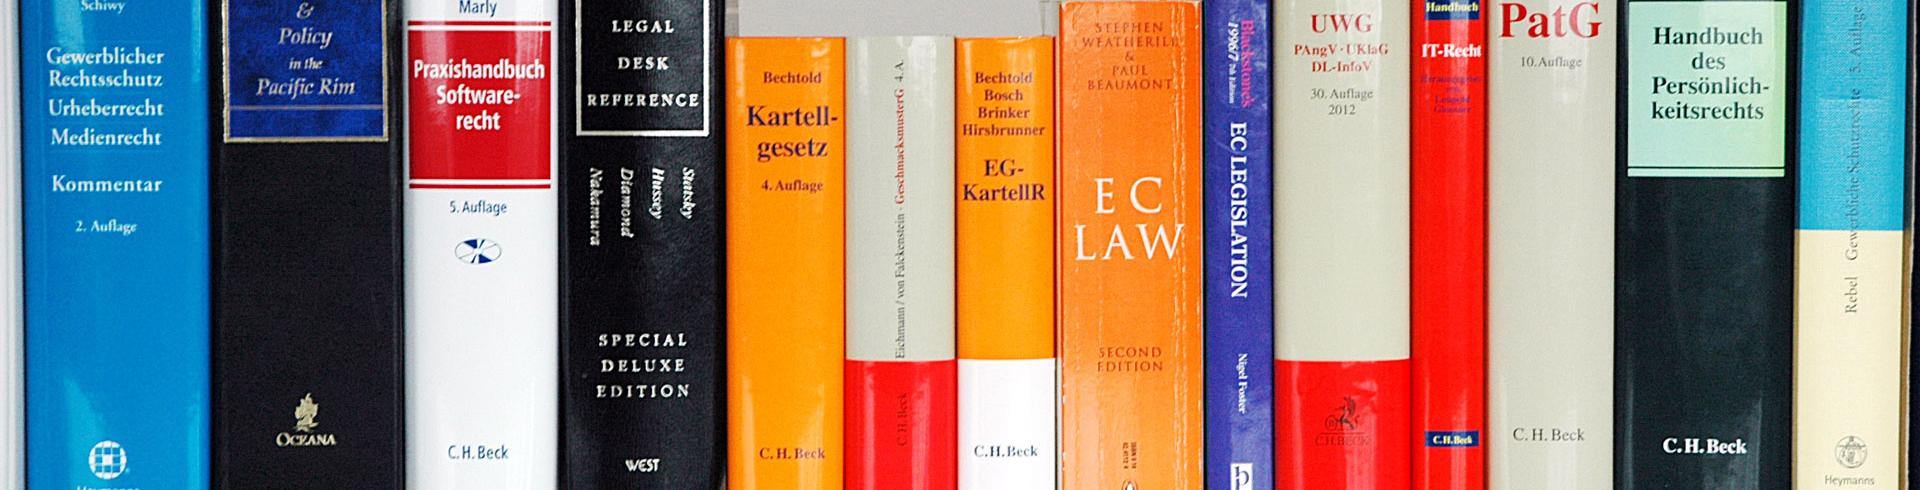 Werberechtler: Rechtsanwälte für Wettbewerbsrecht